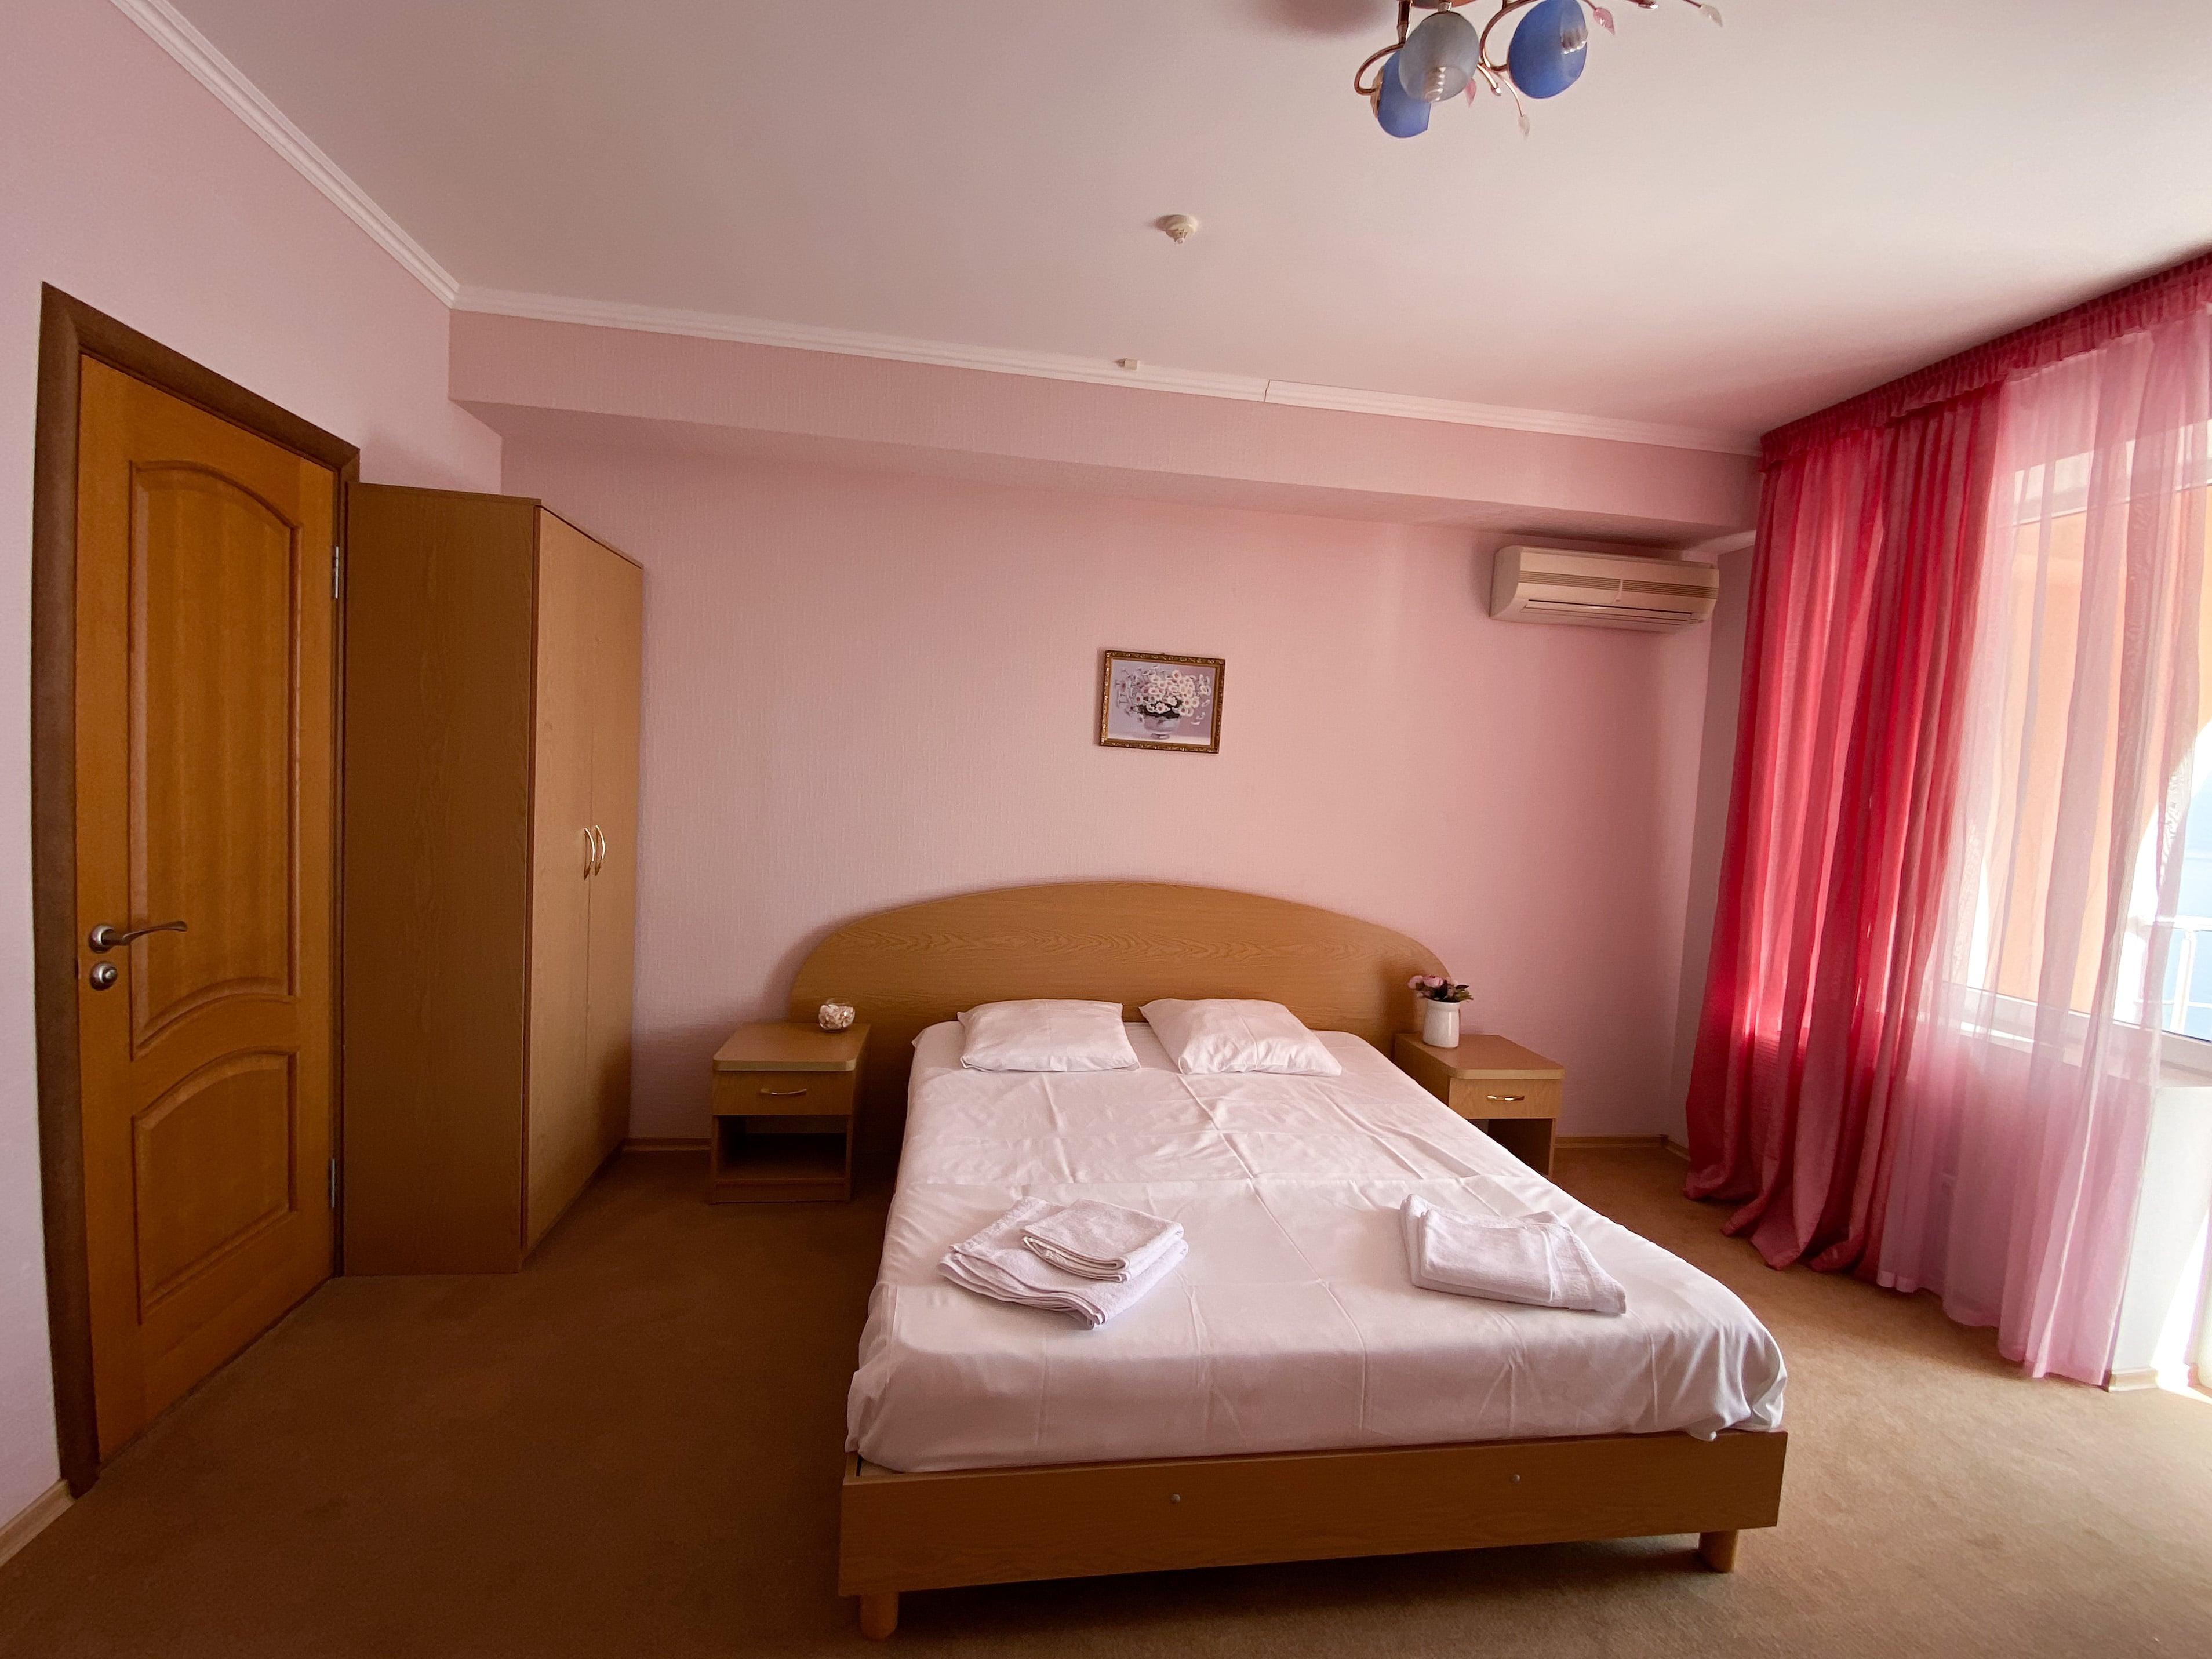 IMG 1839 scaled - LaVinya - гостиница в Профессорском уголке